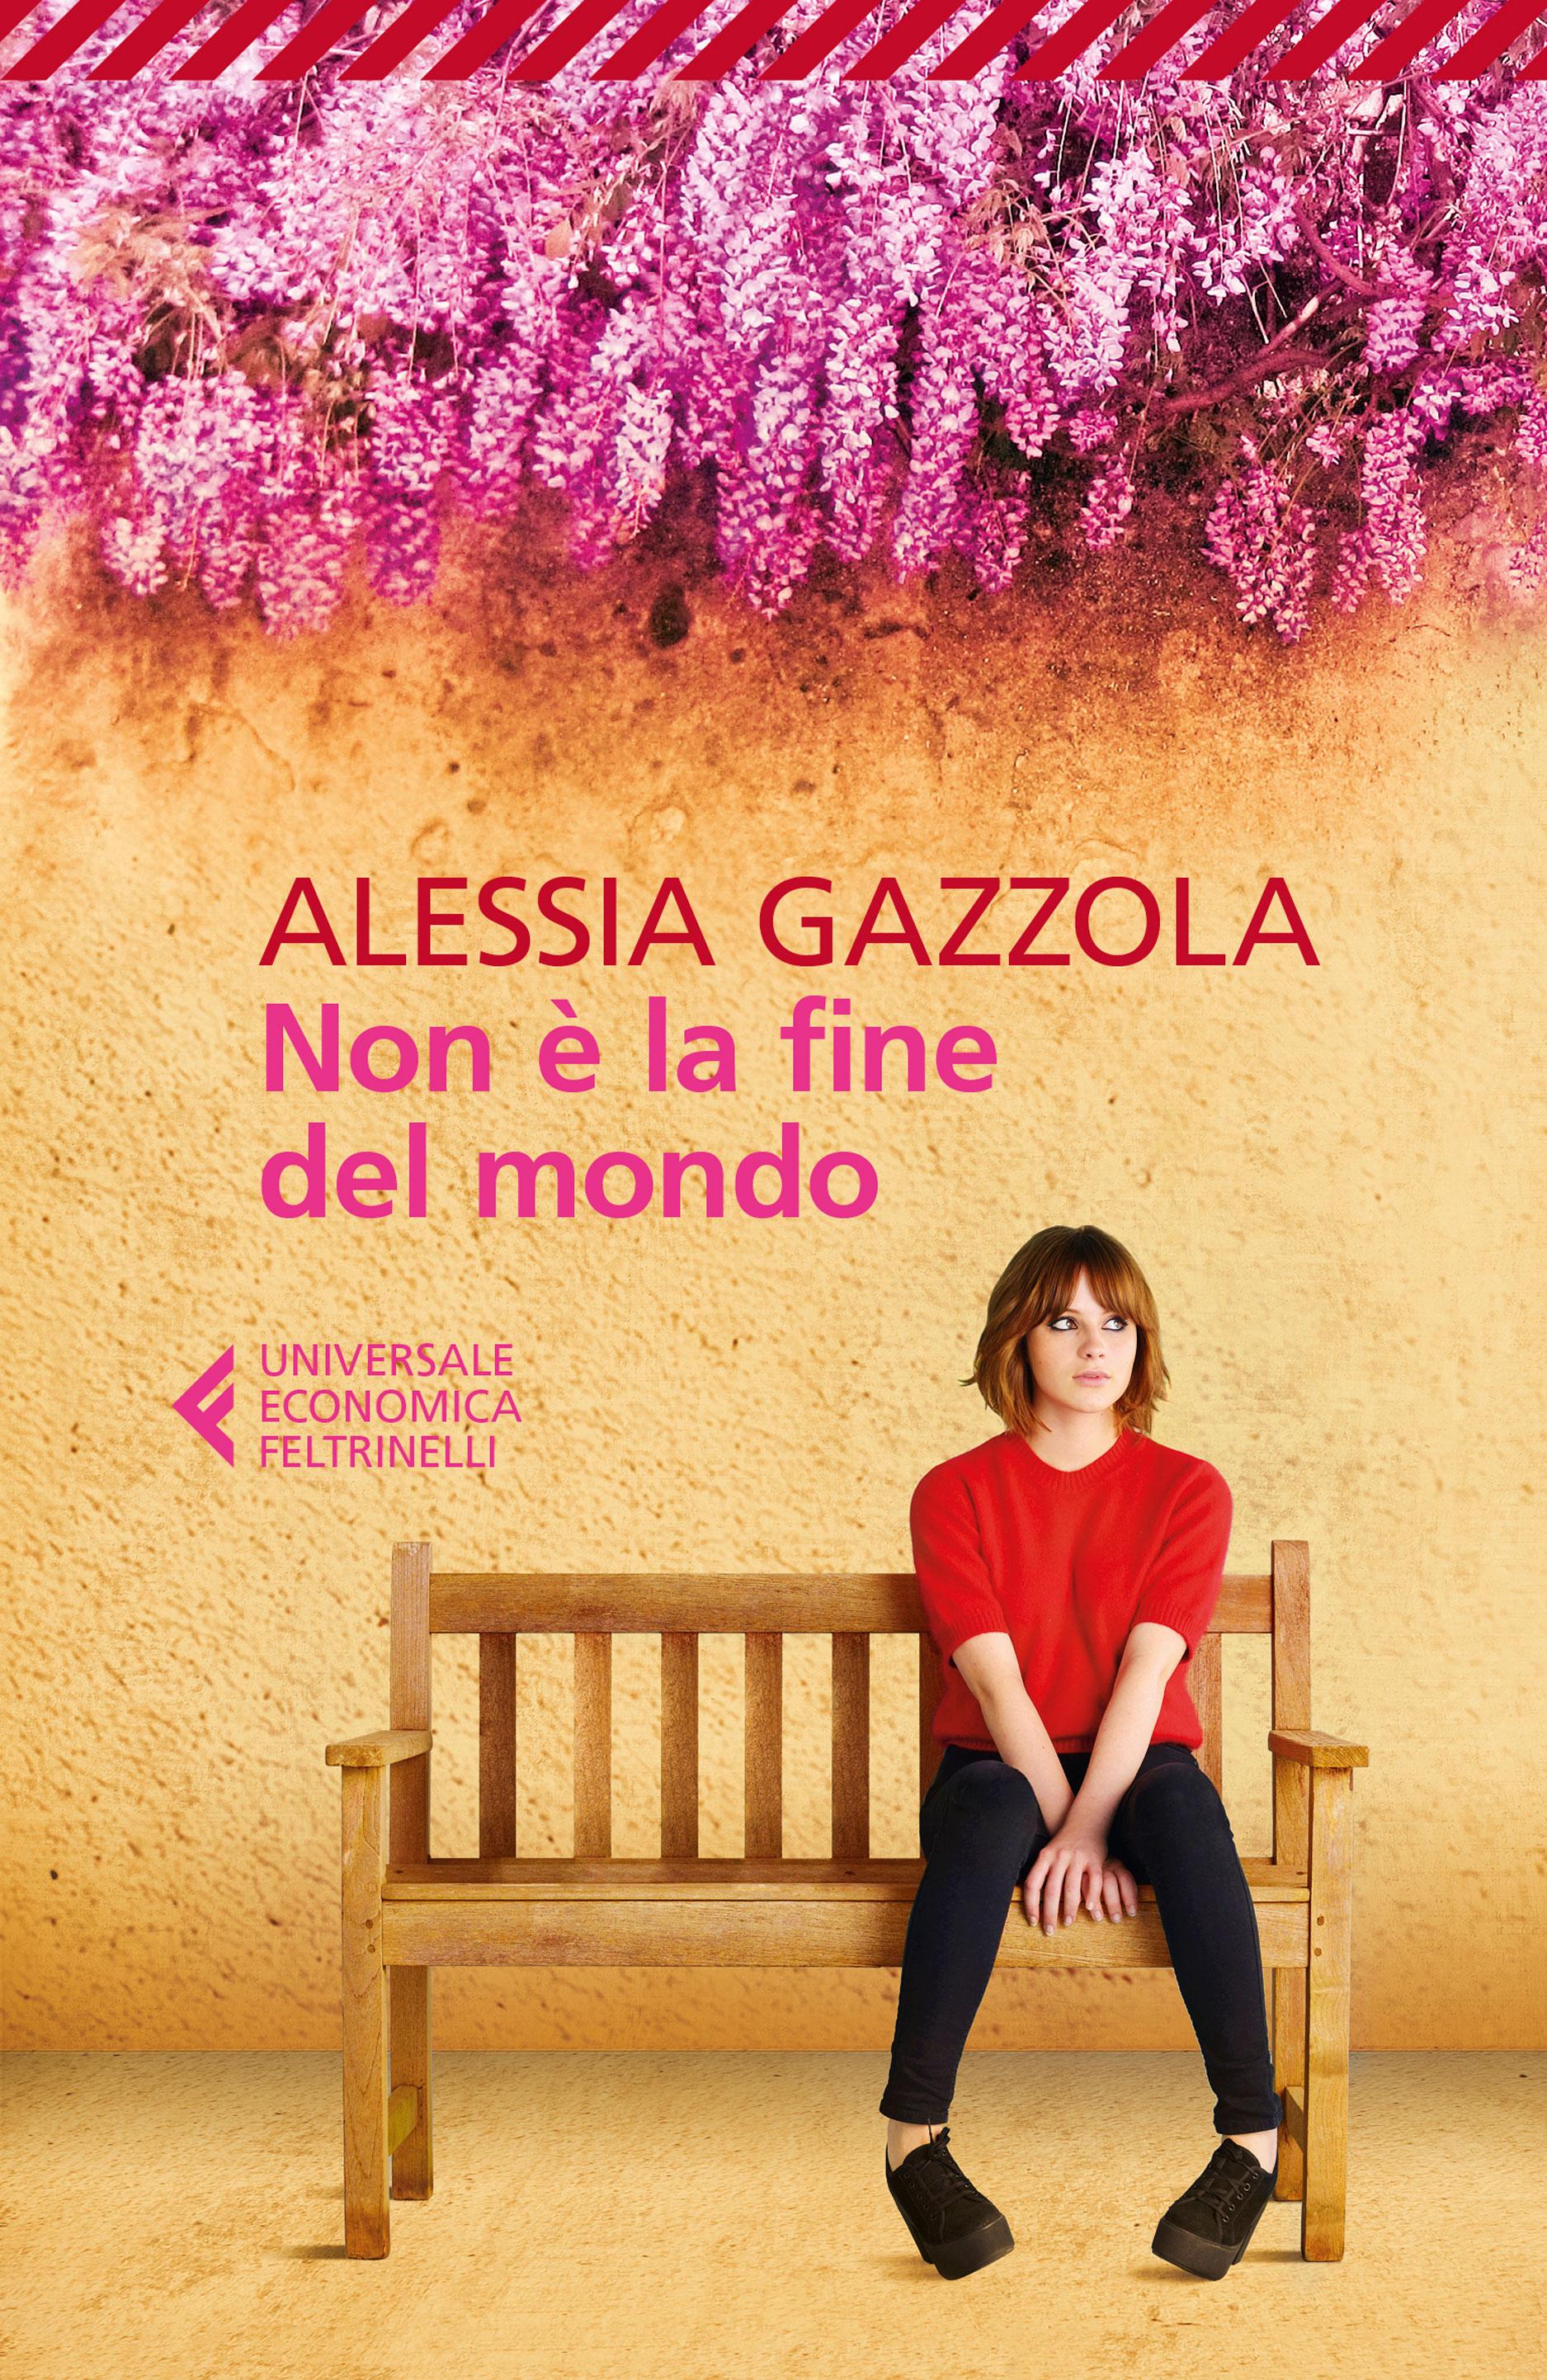 ALESSIA GAZZOLA: NON E' LA FINE DEL MONDO